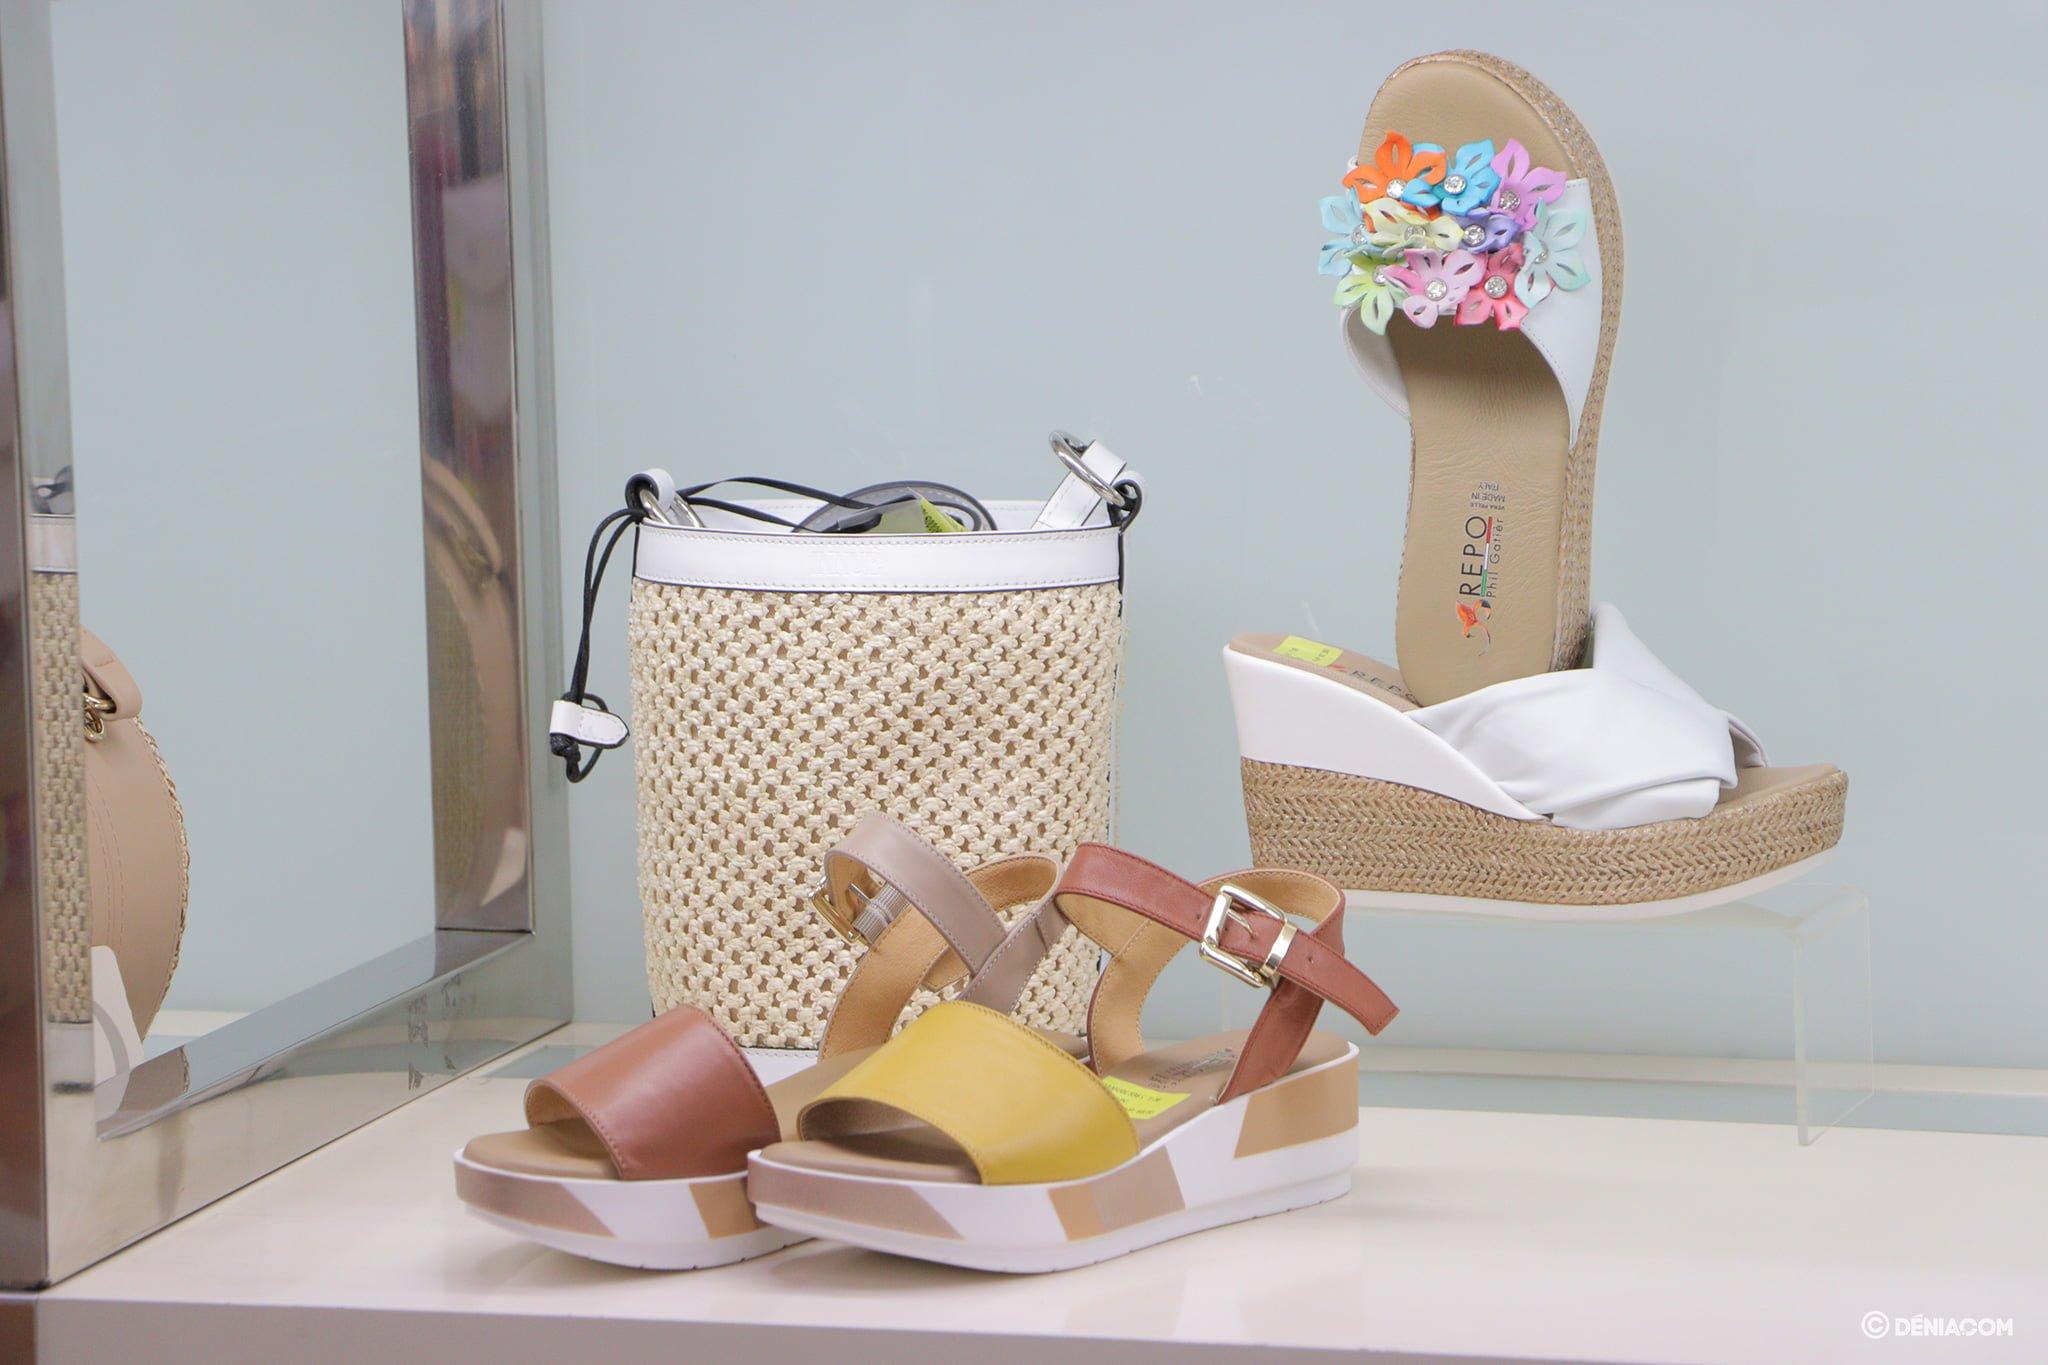 Sandals in Dénia - Calzados Ramón Marsal